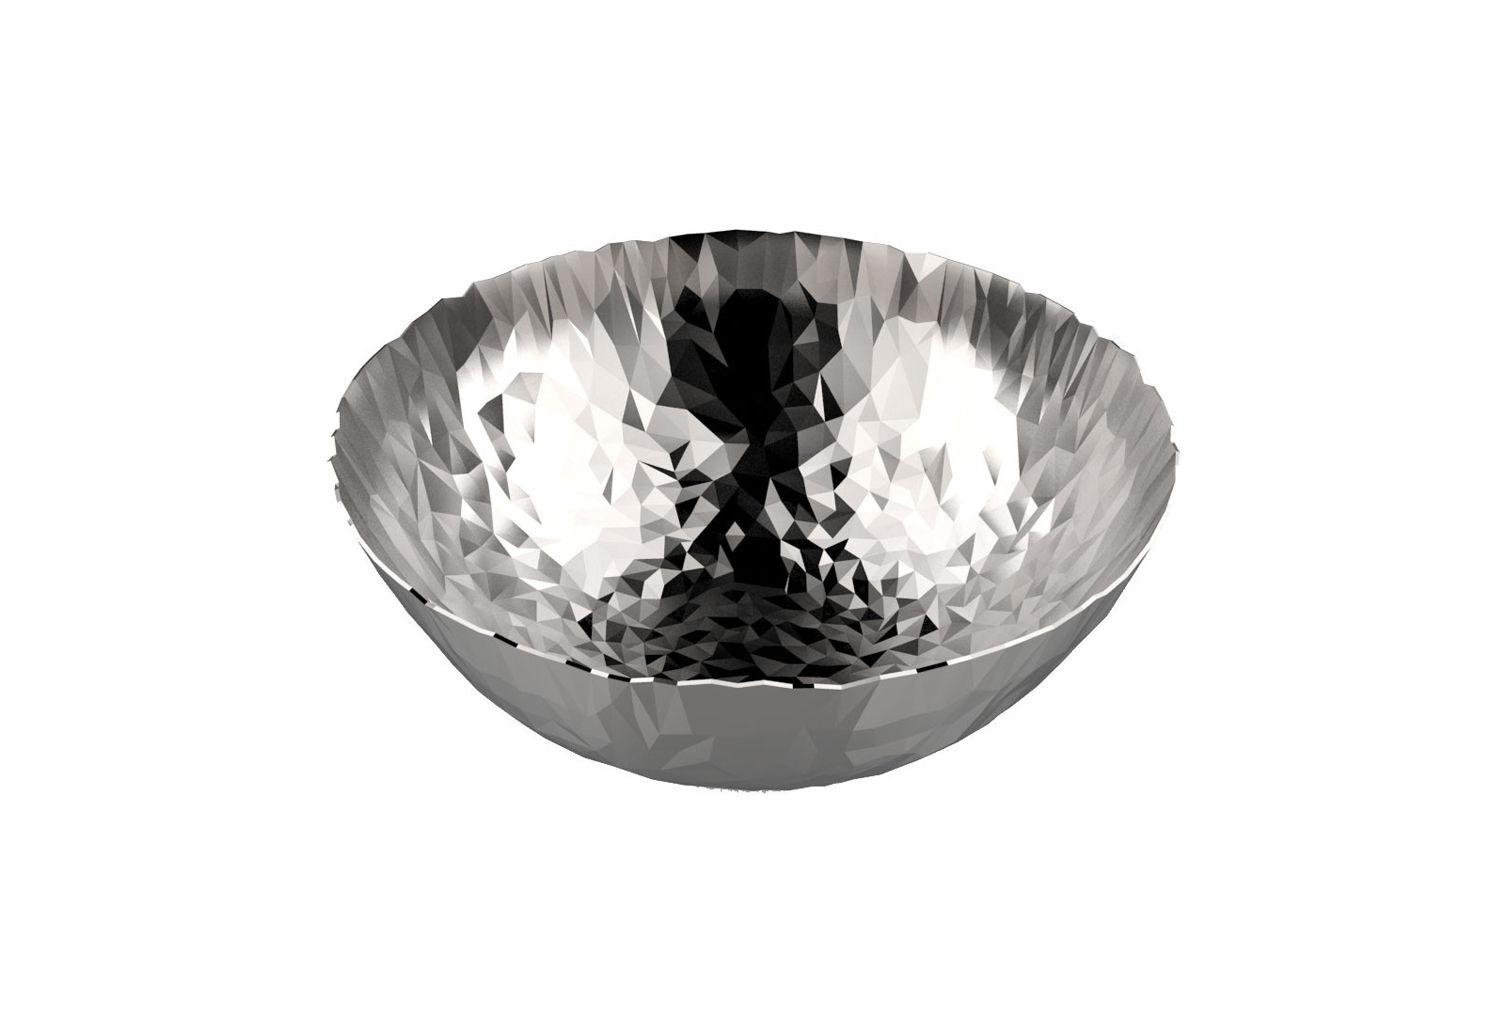 Tableware - Fruit Bowls & Centrepieces - Joy N.1 Basket by Alessi - Steel - Stainless steel 18/10